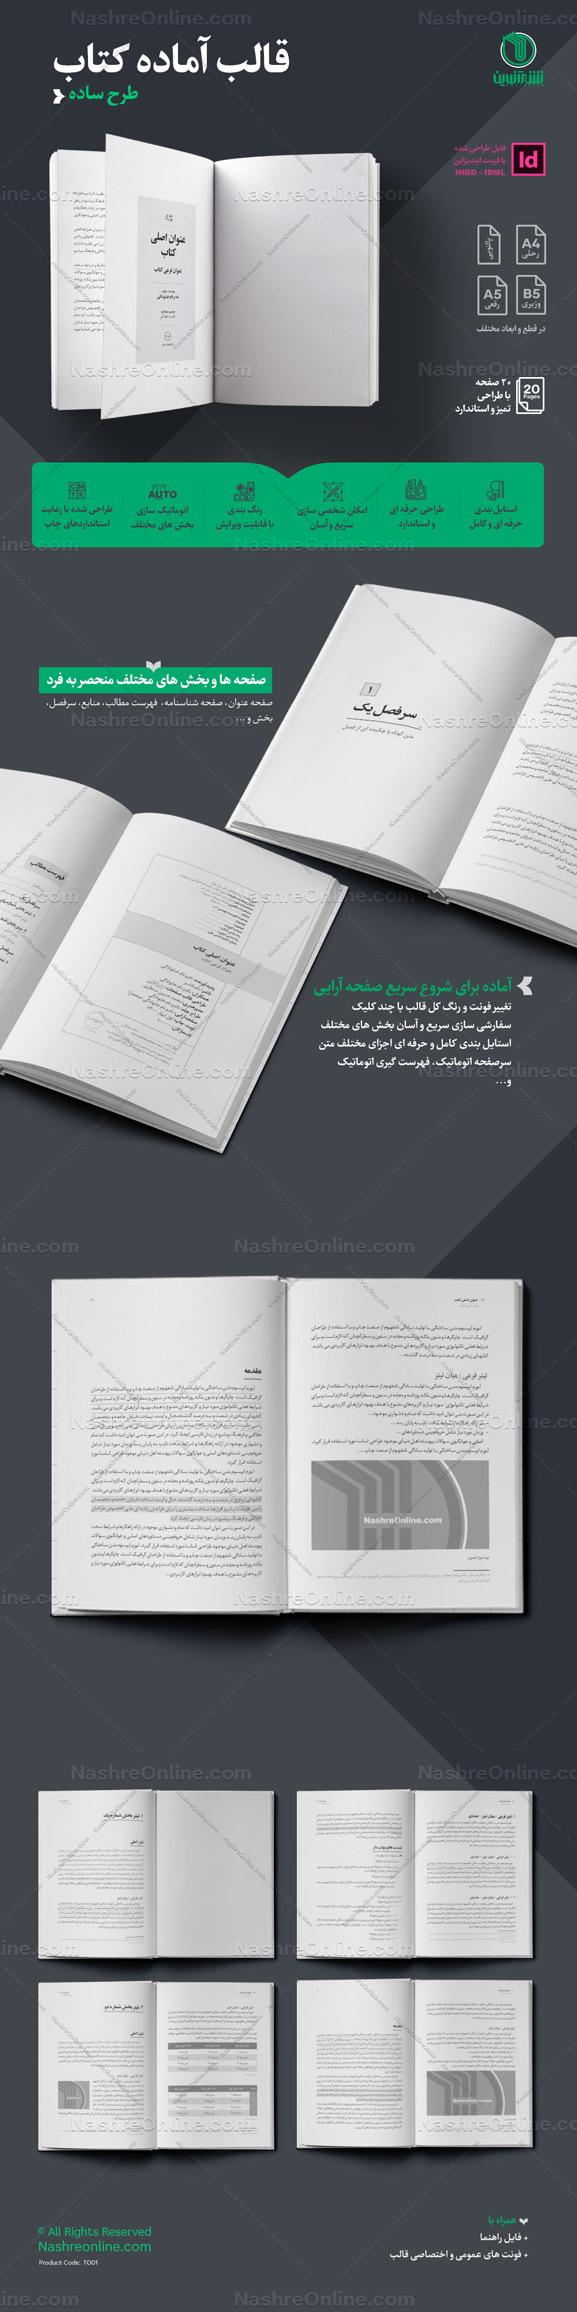 قالب آماده صفحه بندی کتاب ساده